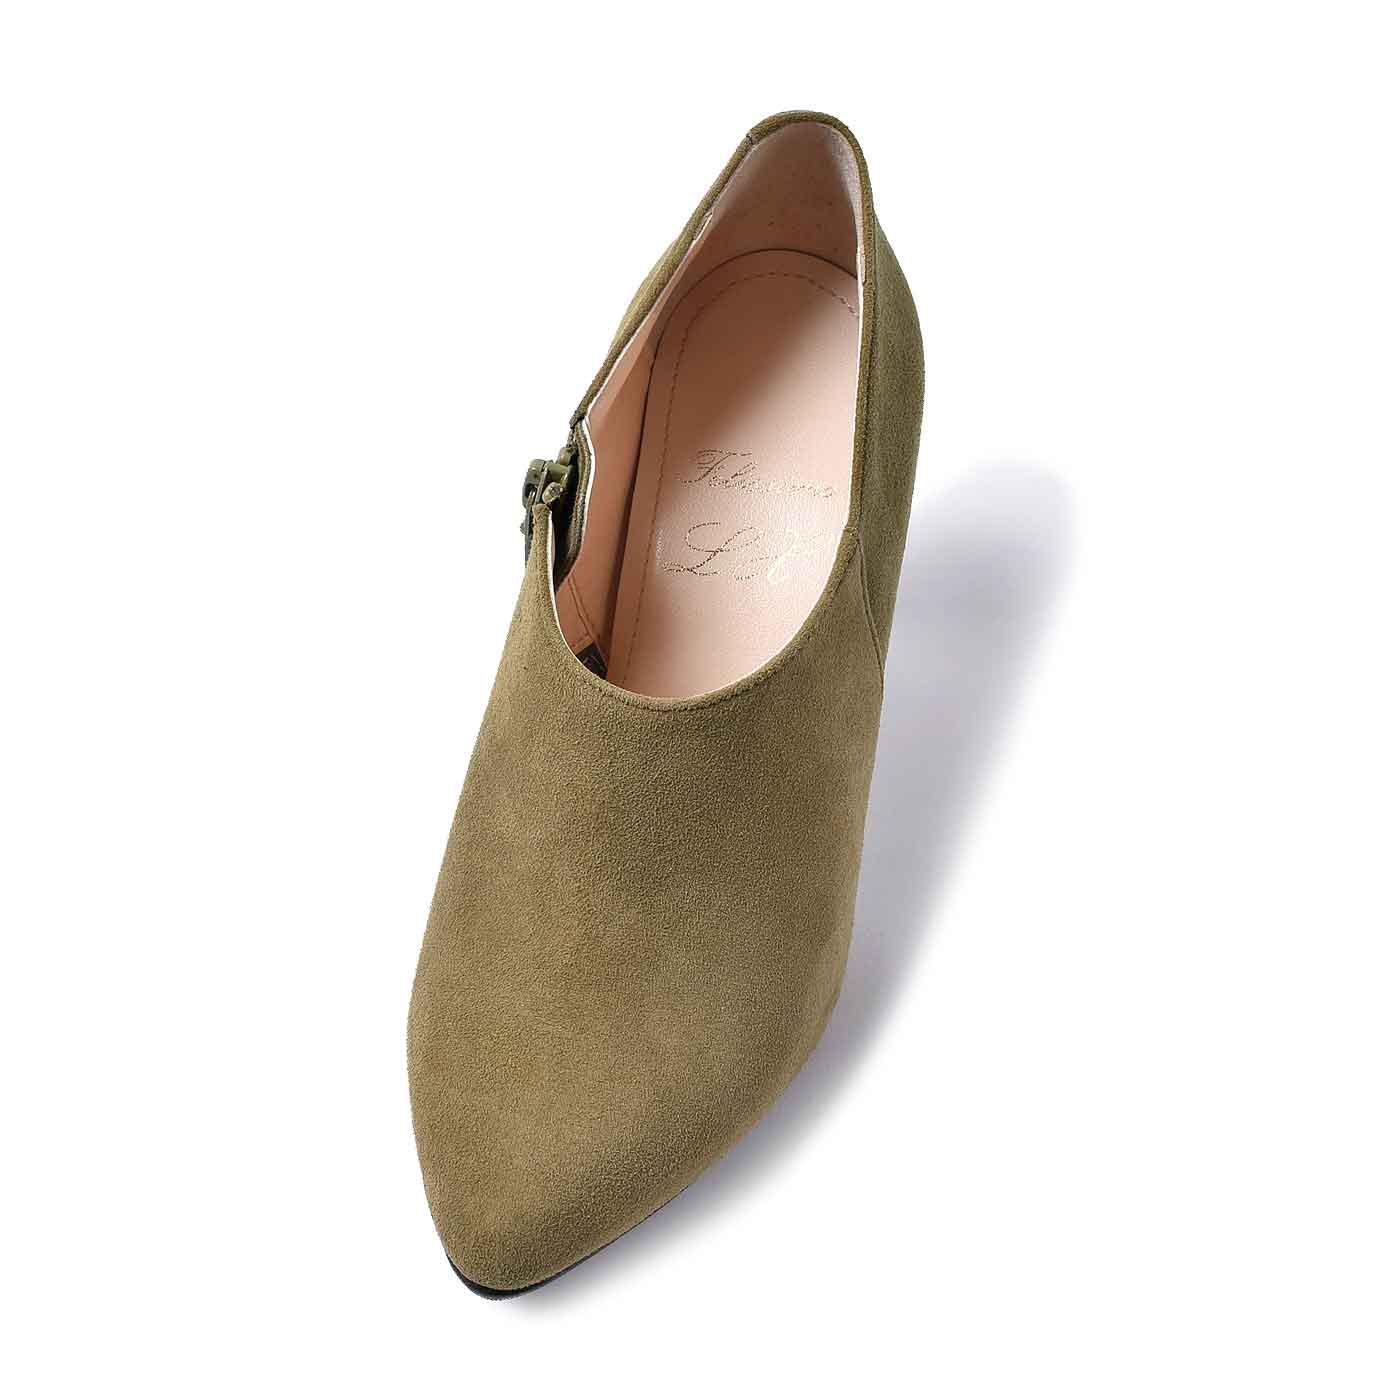 履き口と甲周りのカーブの形は履き心地に大きな影響を与えるので、何度も靴型を作り直しました。究極シリーズを一緒に作ってくださる靴職人の思いもいっぱいつまっています。